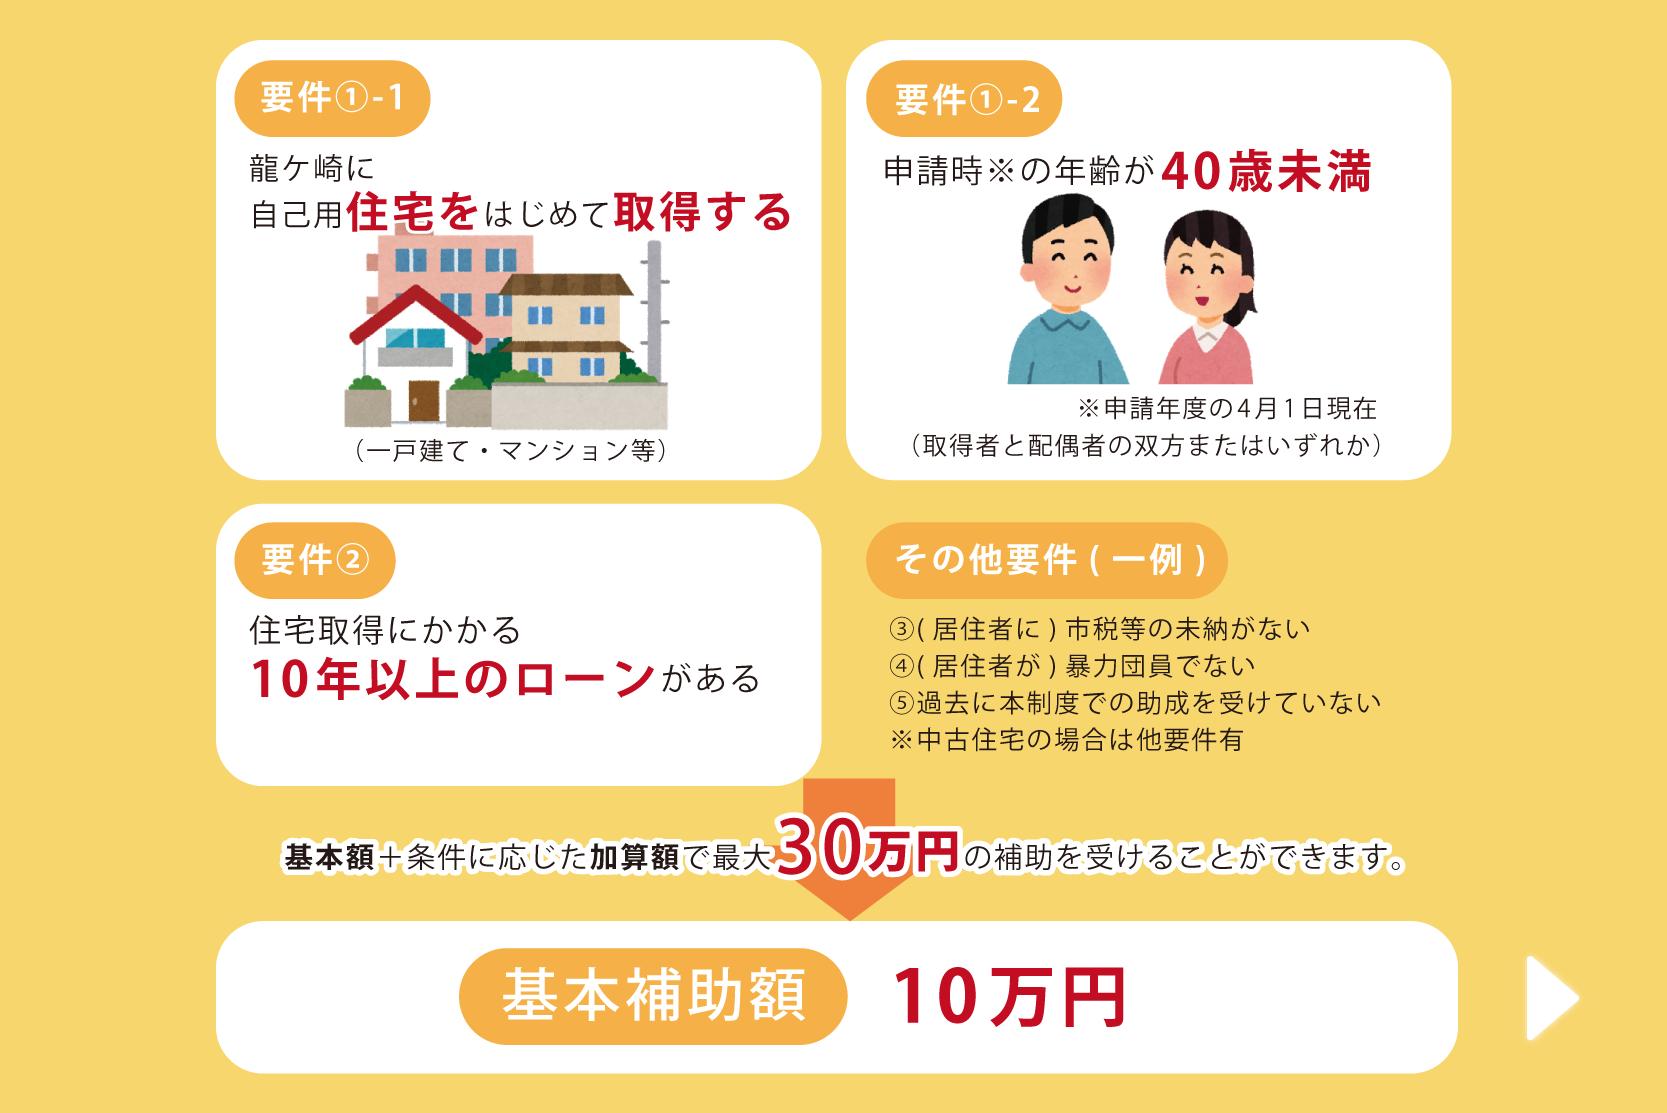 子育て世代の住宅取得を応援!